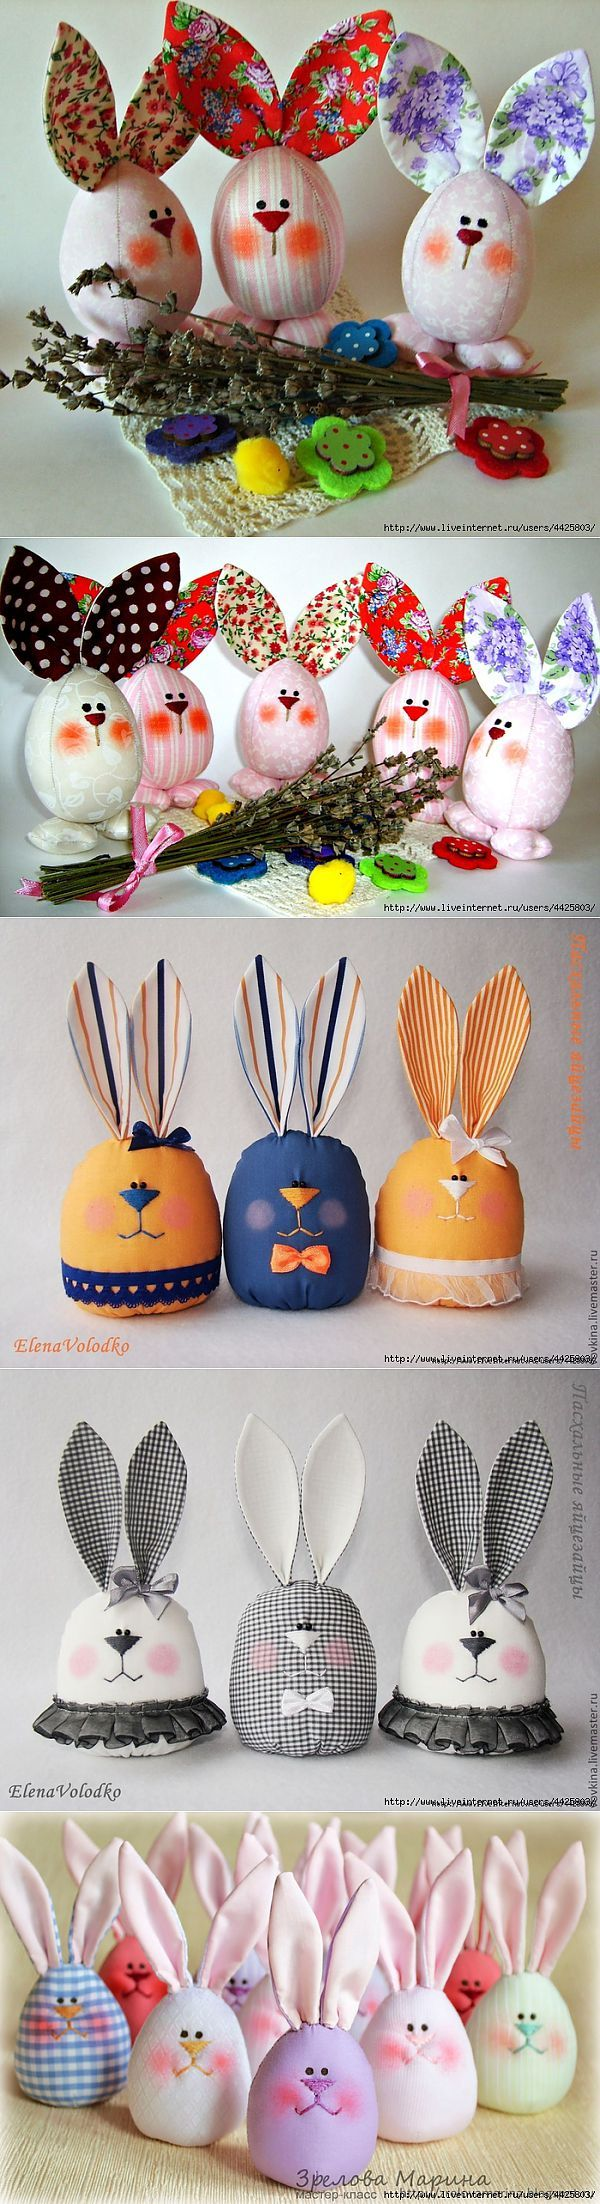 Шьем пасхальные яйца-веселые зайцы. Идеи и мастер-класс.   игрушки   Постила